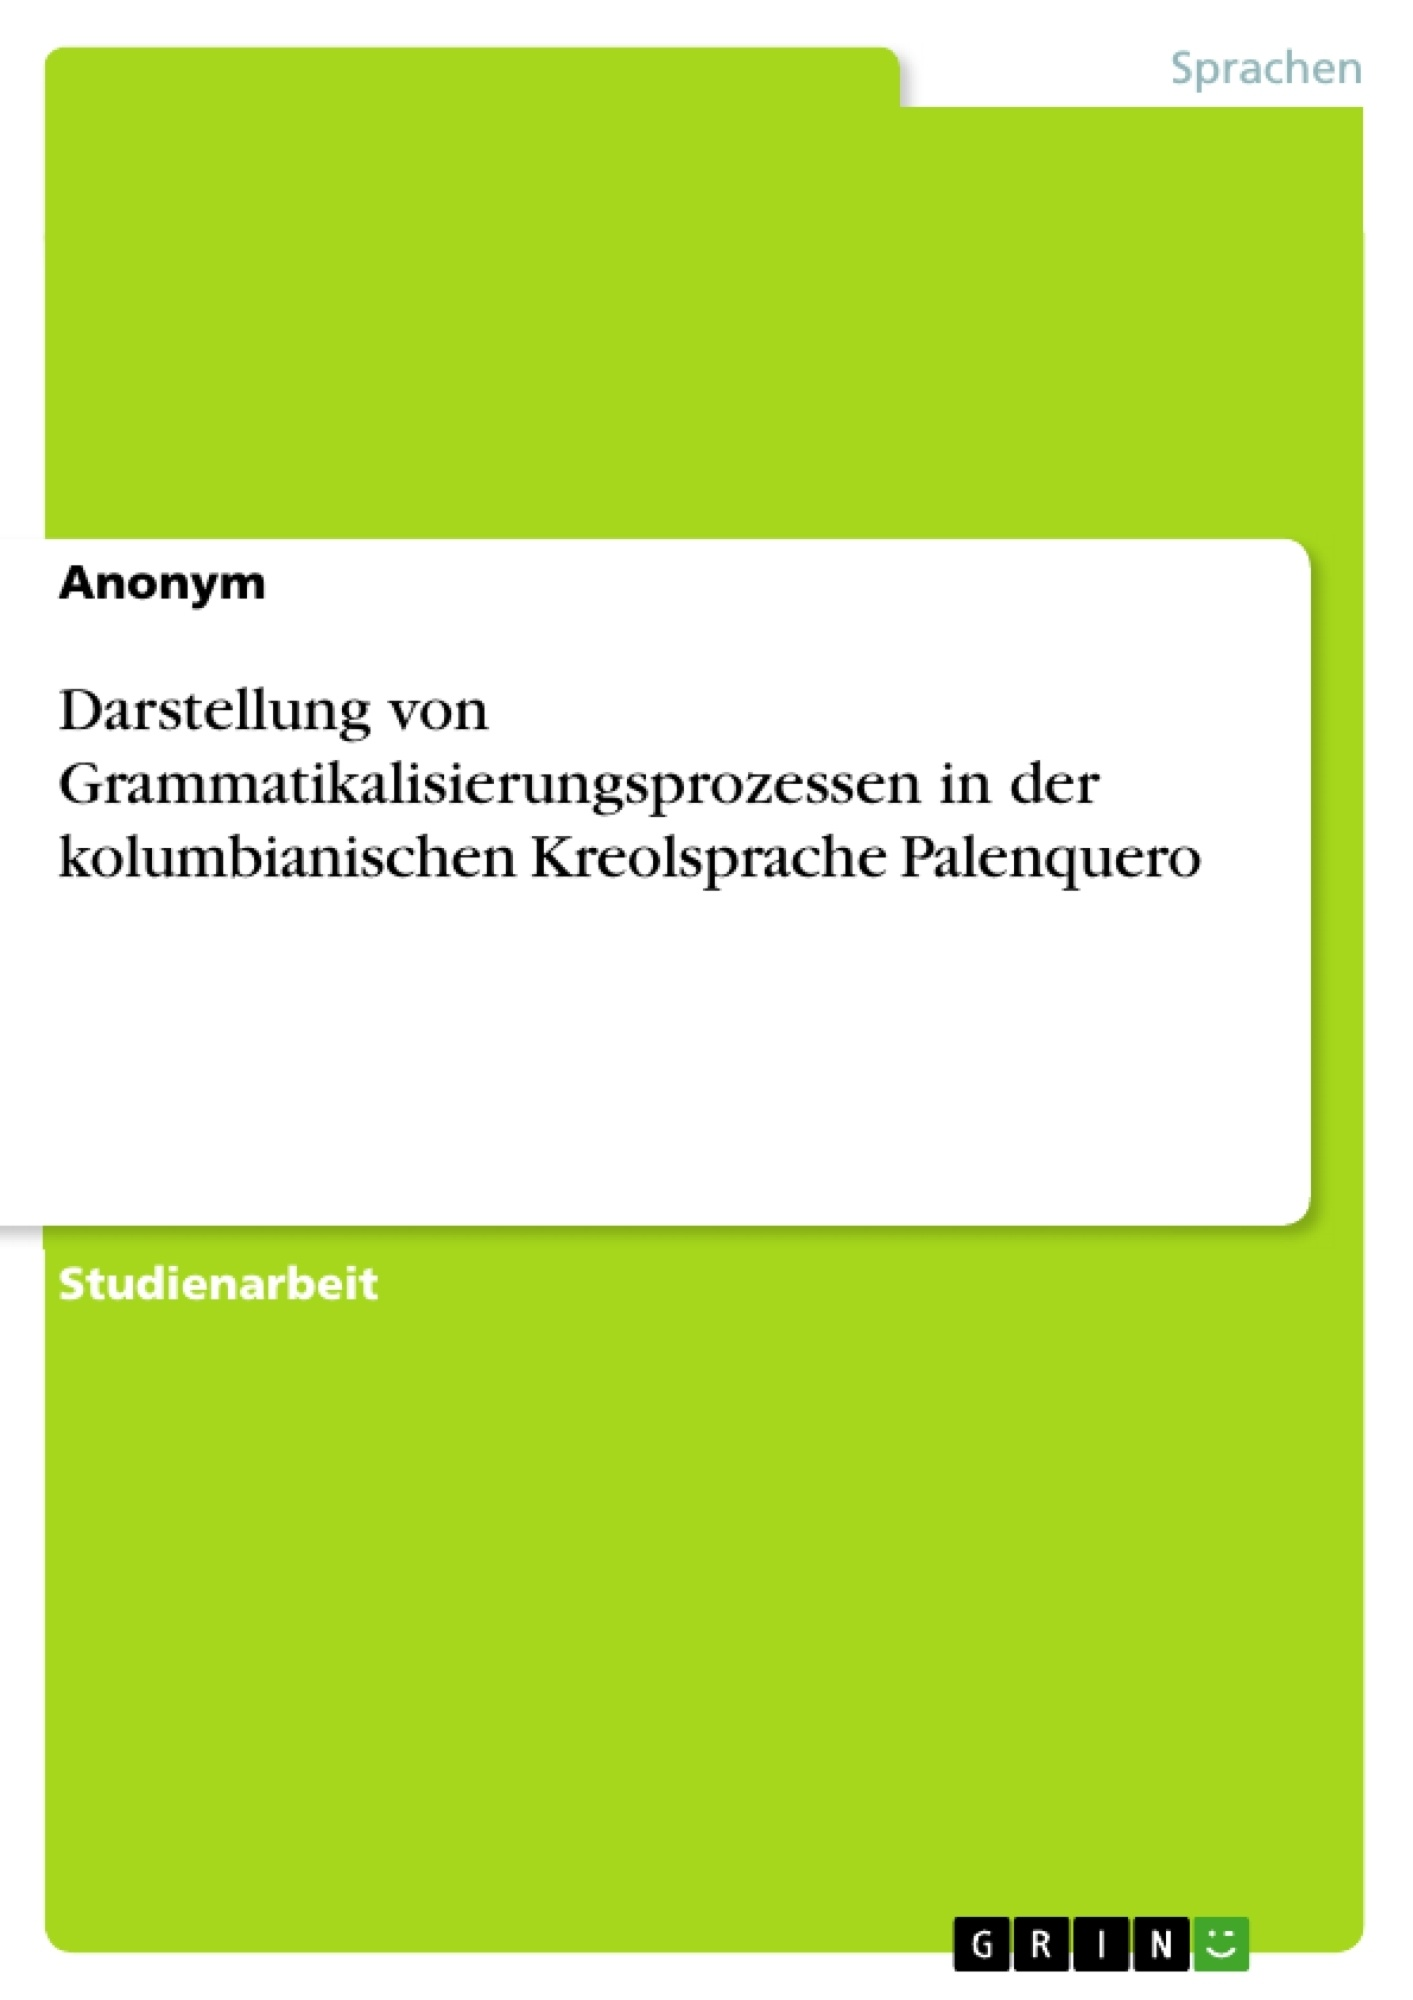 Titel: Darstellung von Grammatikalisierungsprozessen in der kolumbianischen Kreolsprache Palenquero